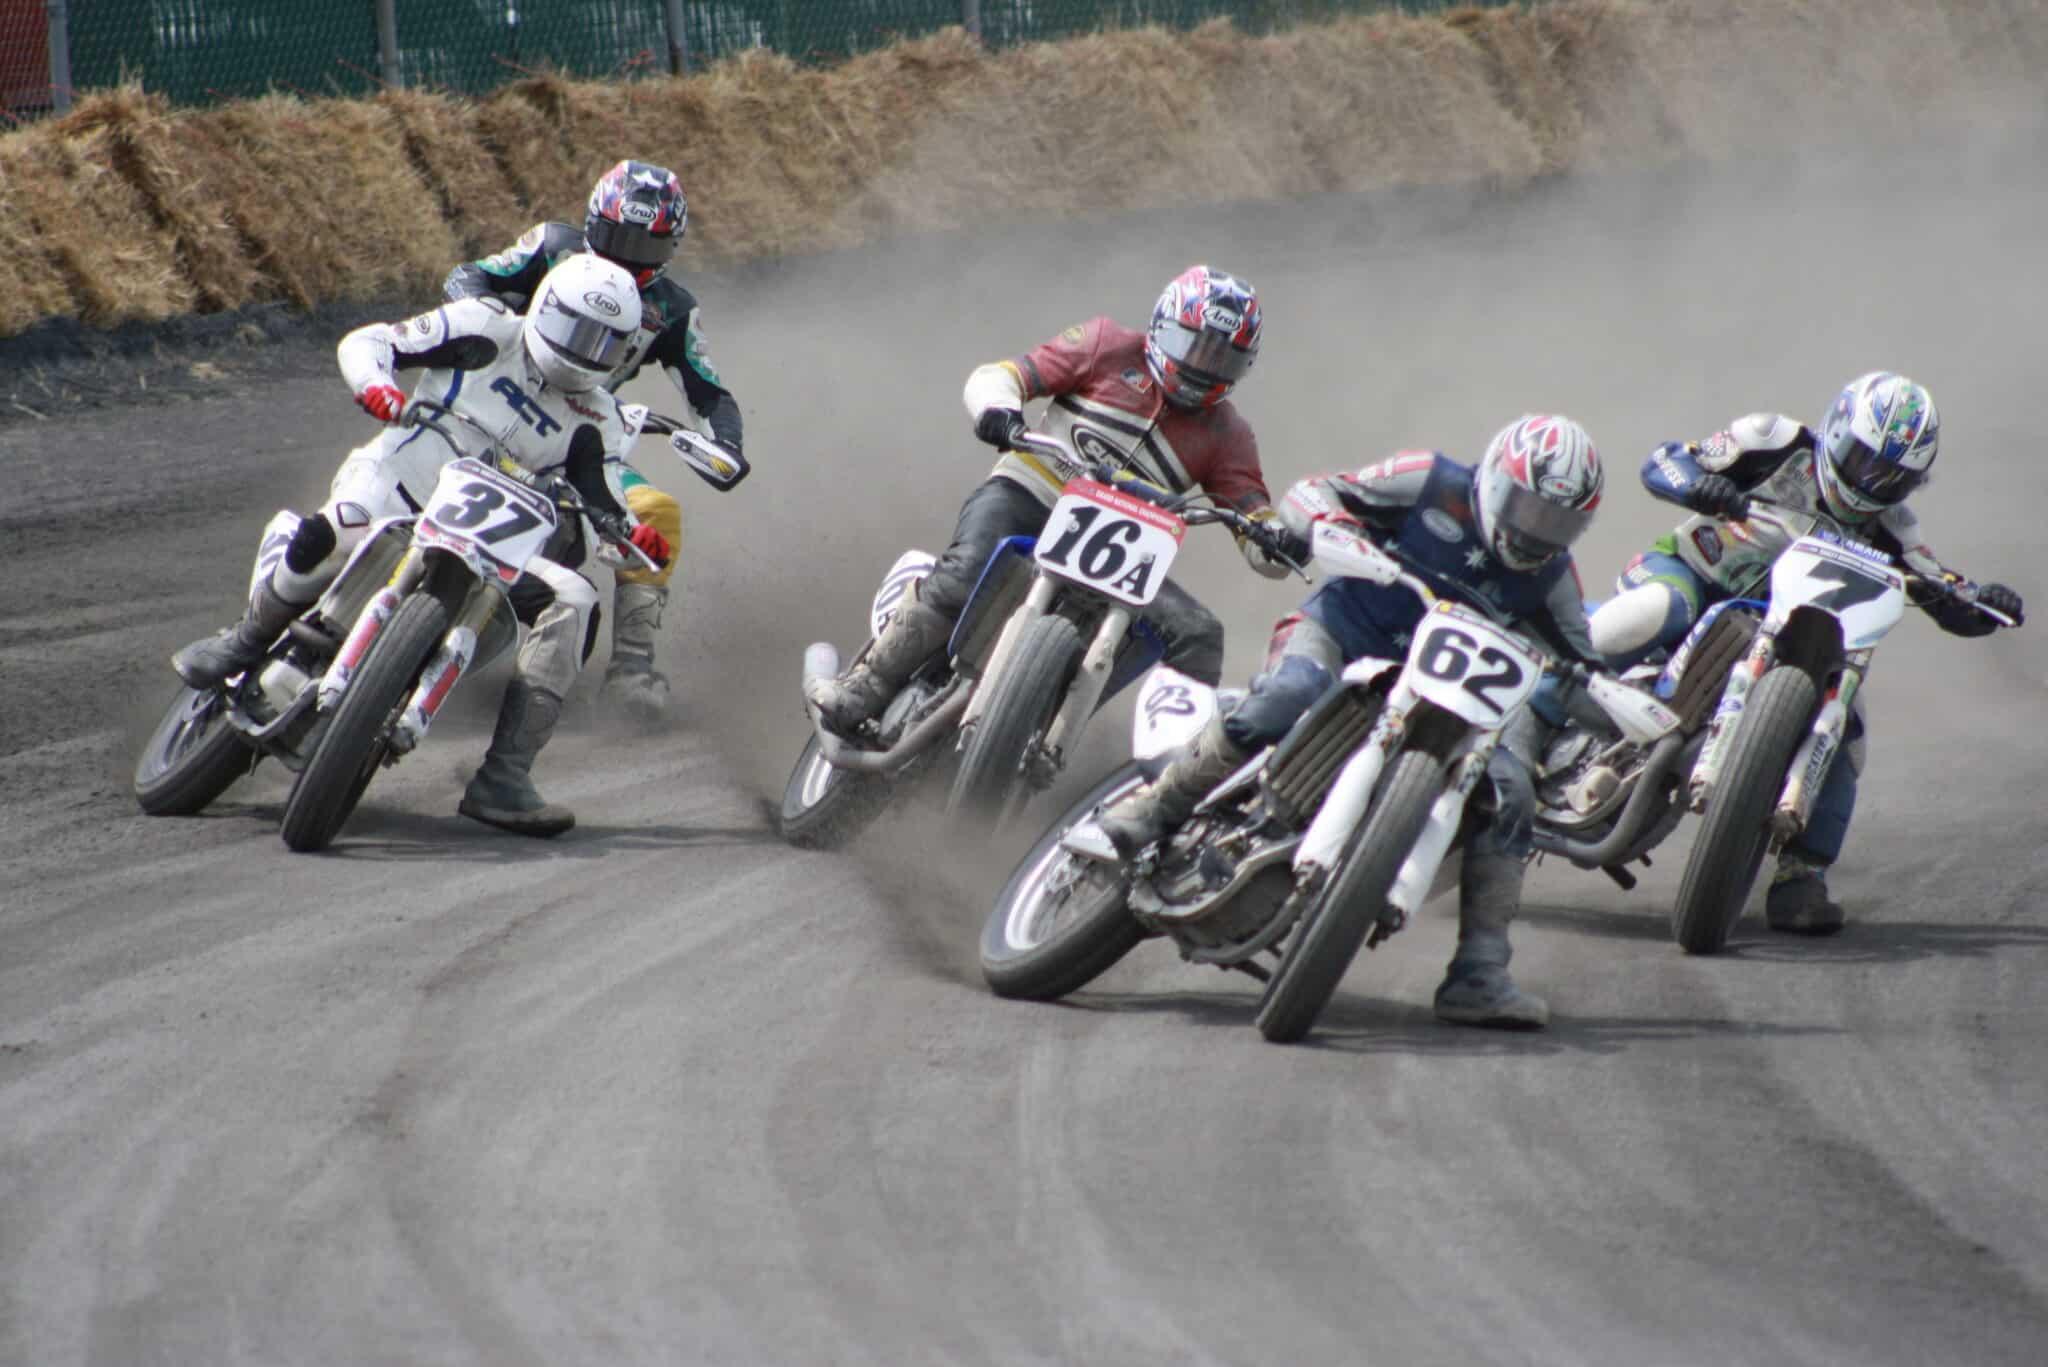 ama motorcycle races